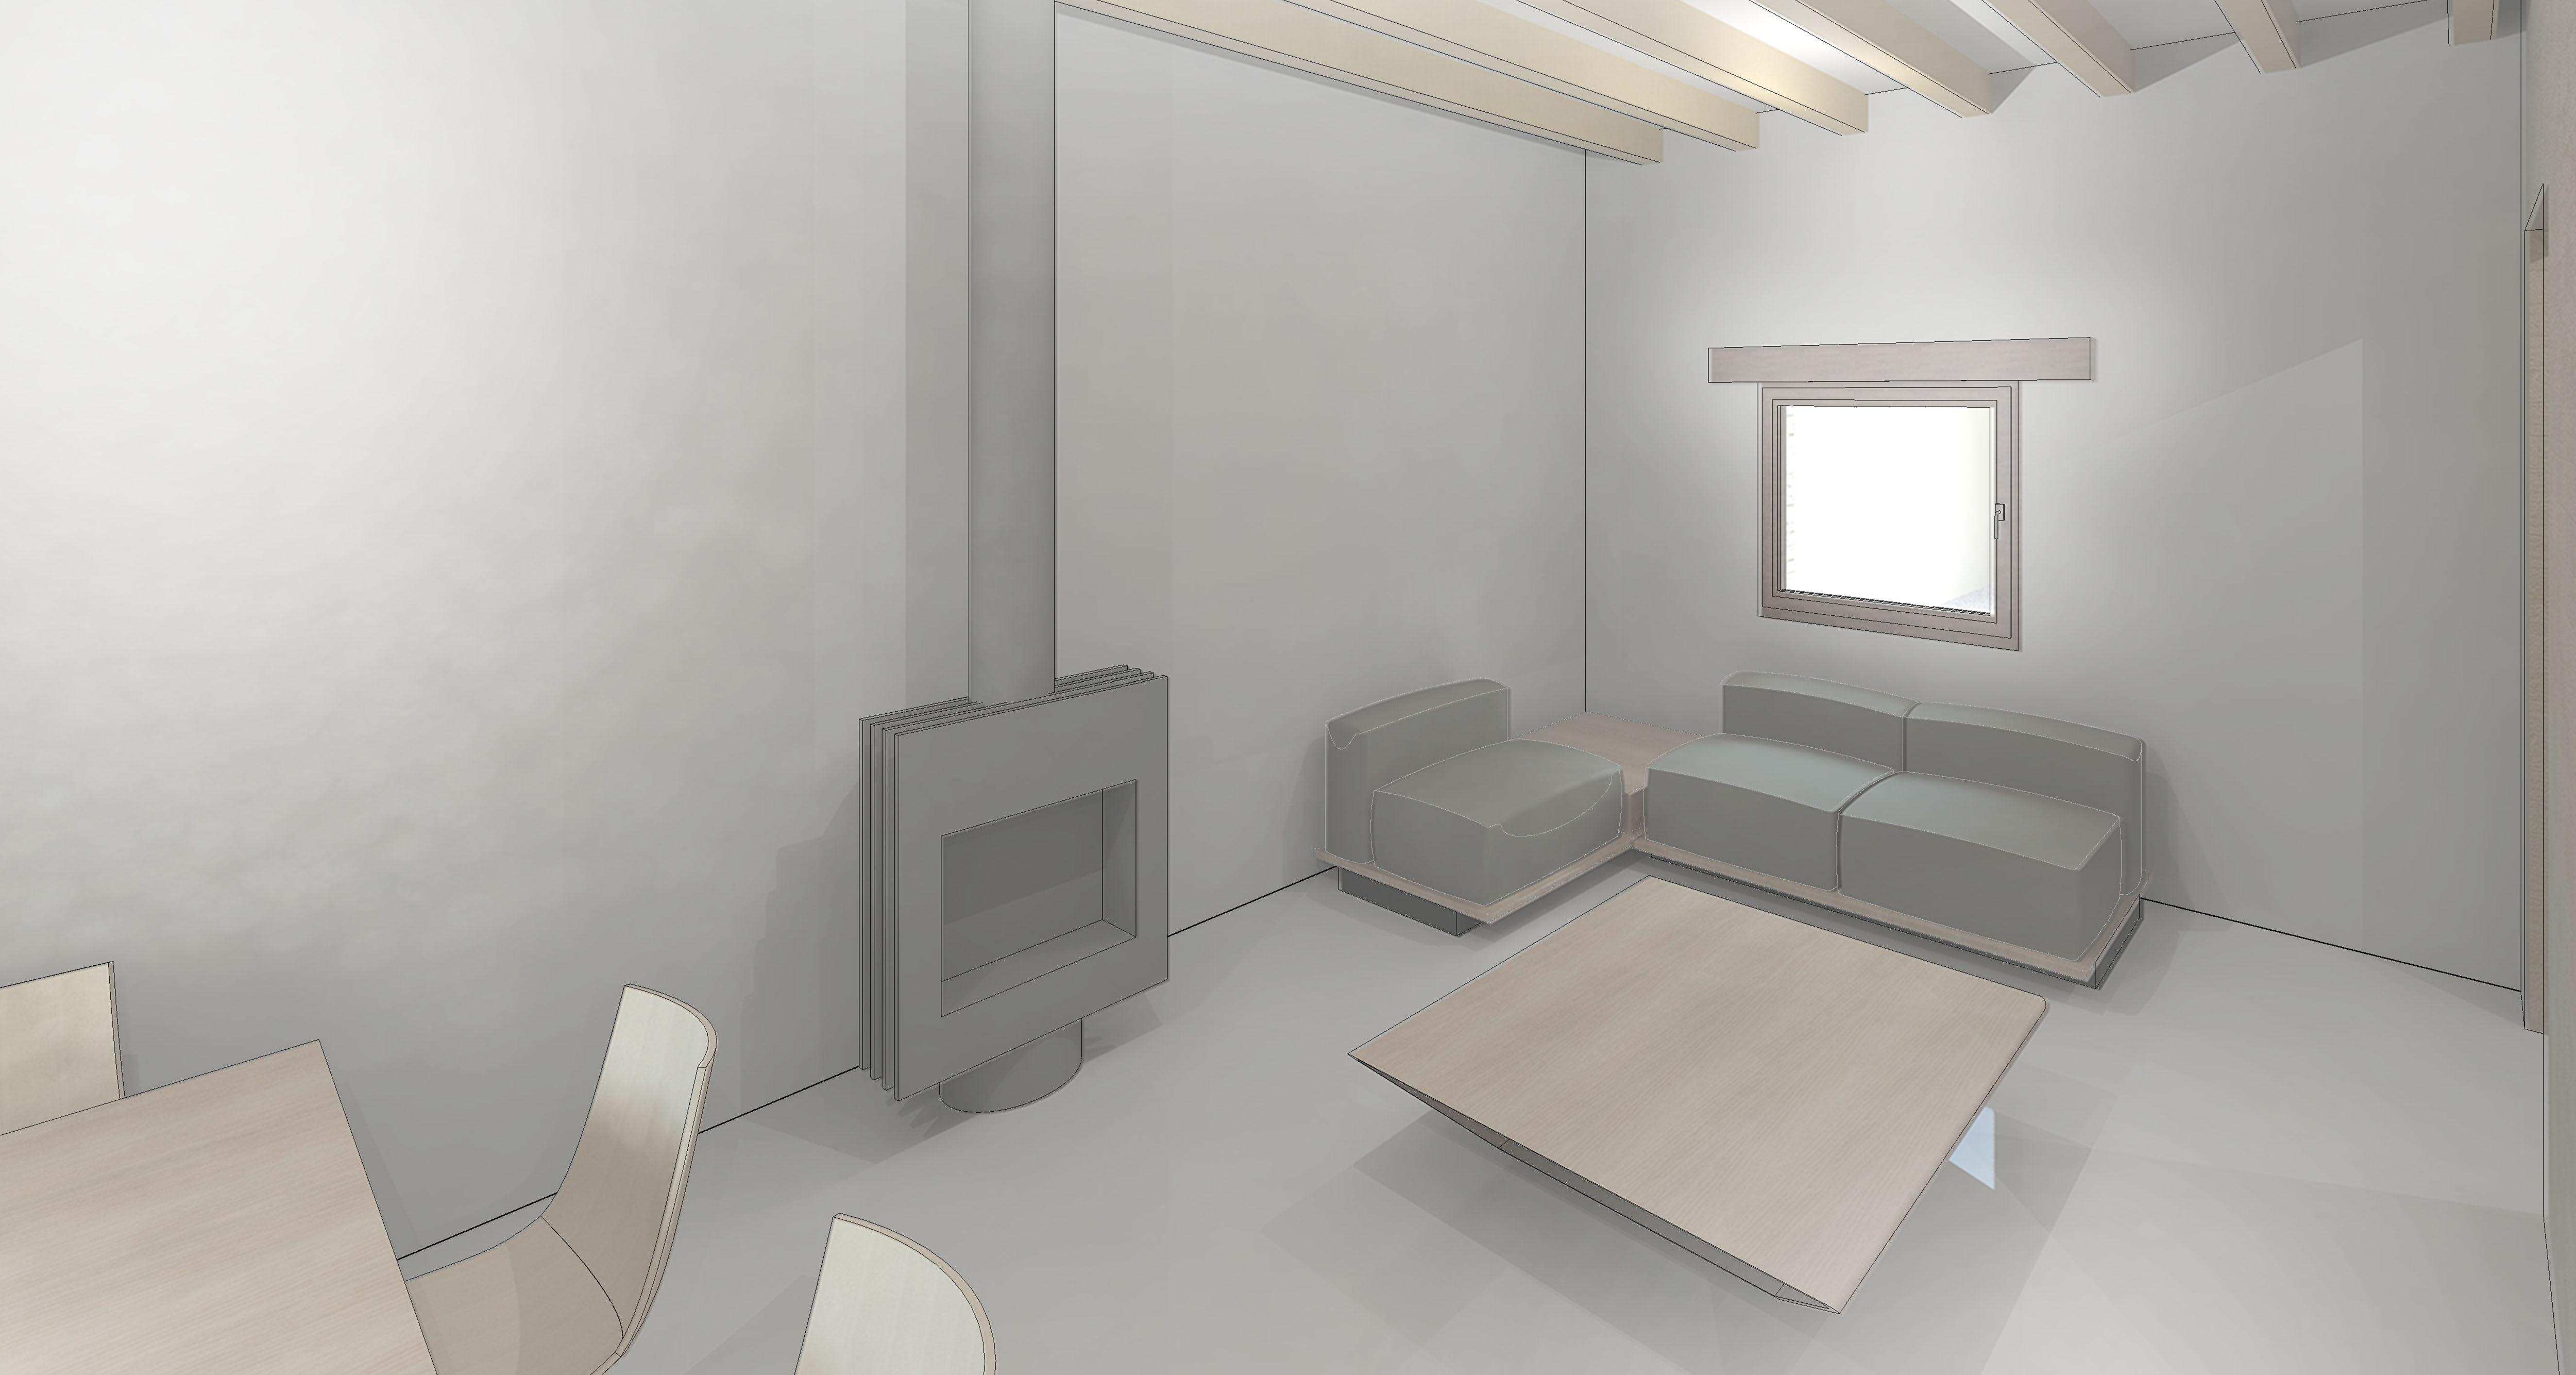 vista interior - comedor y salón